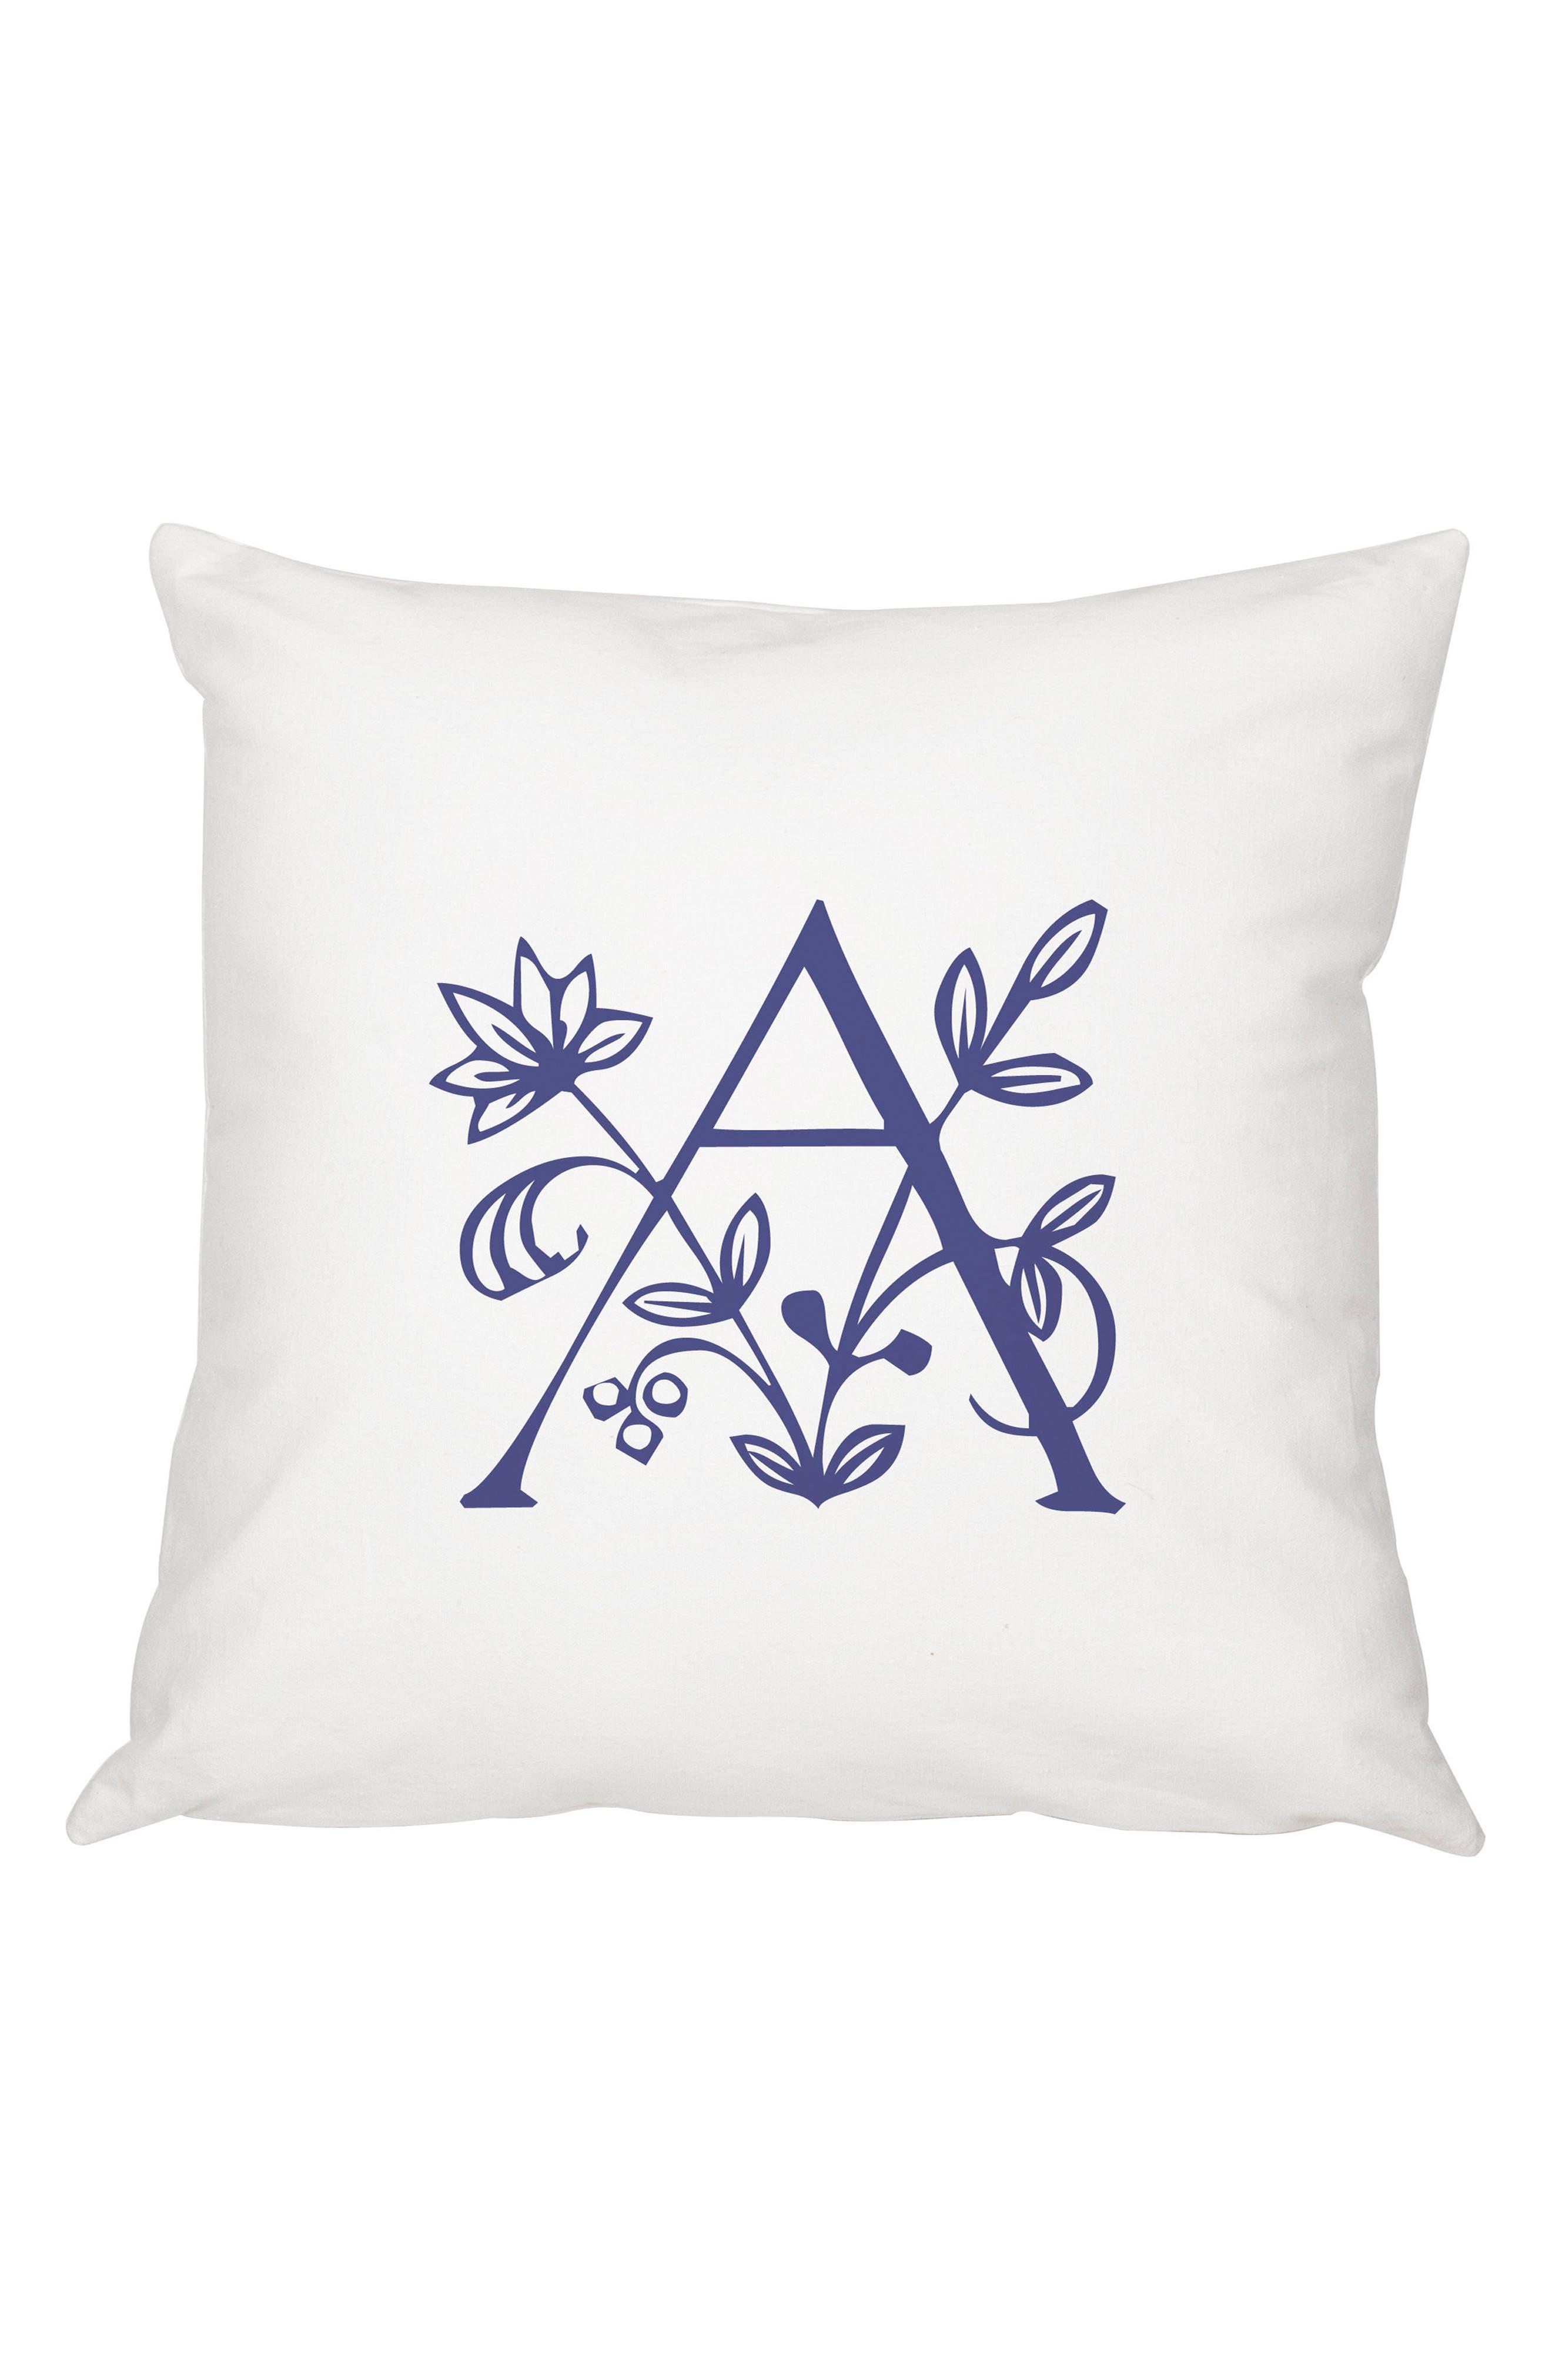 Floral Monogram Accent Pillow,                         Main,                         color, 400